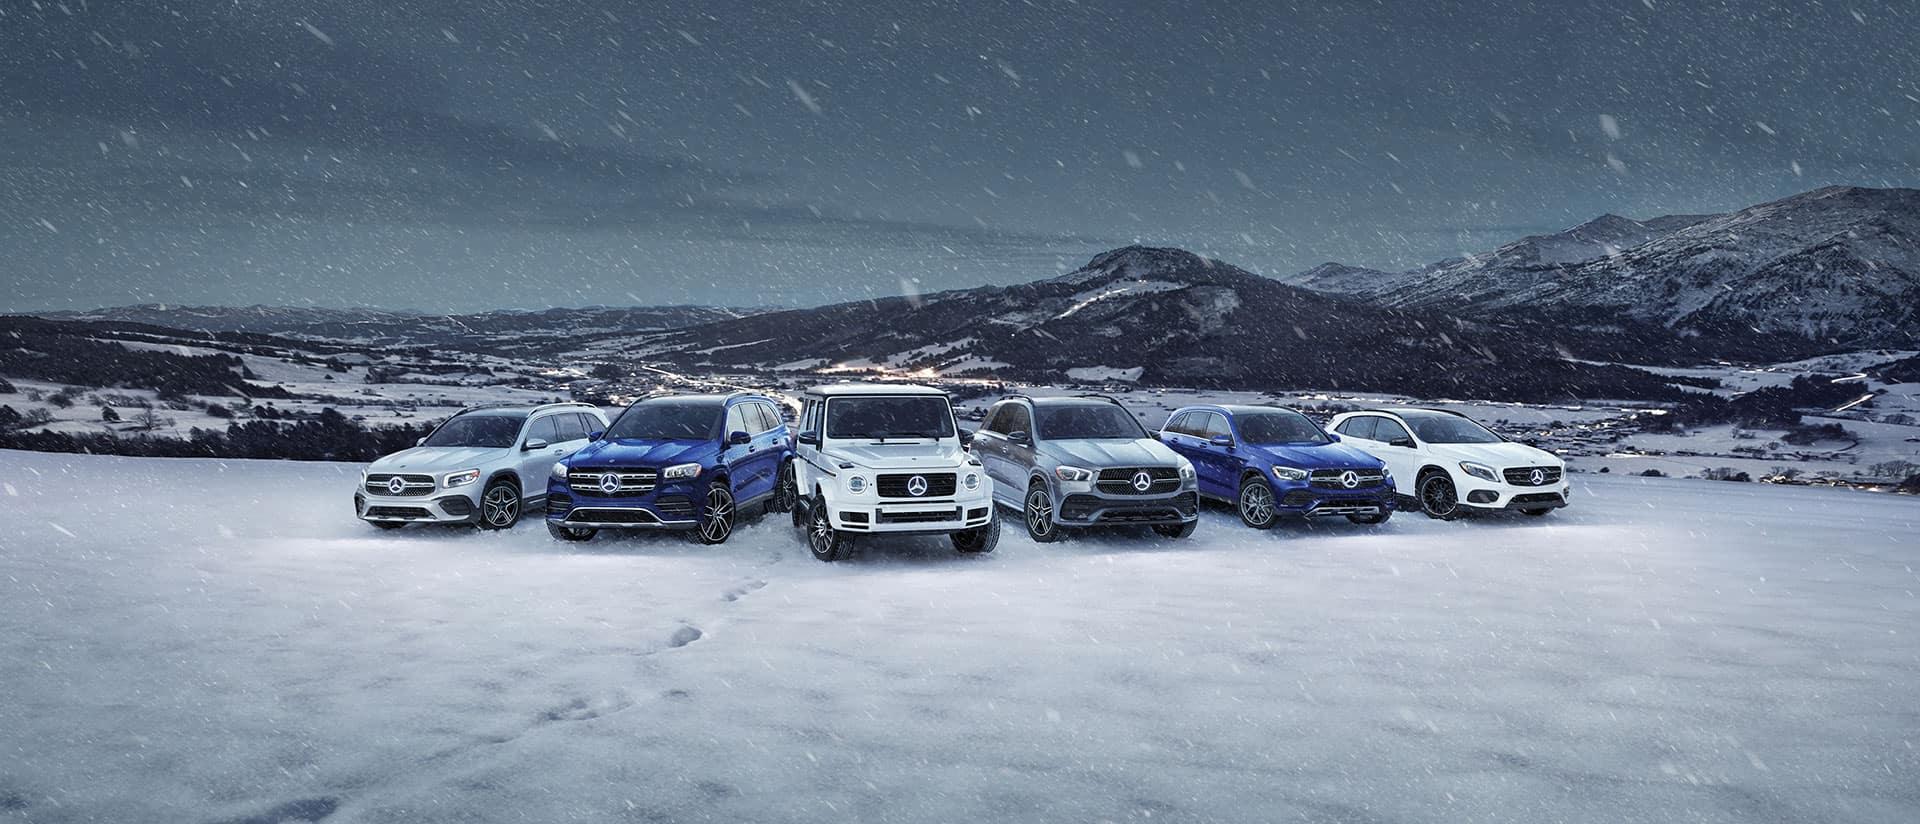 Winter Event SUVs